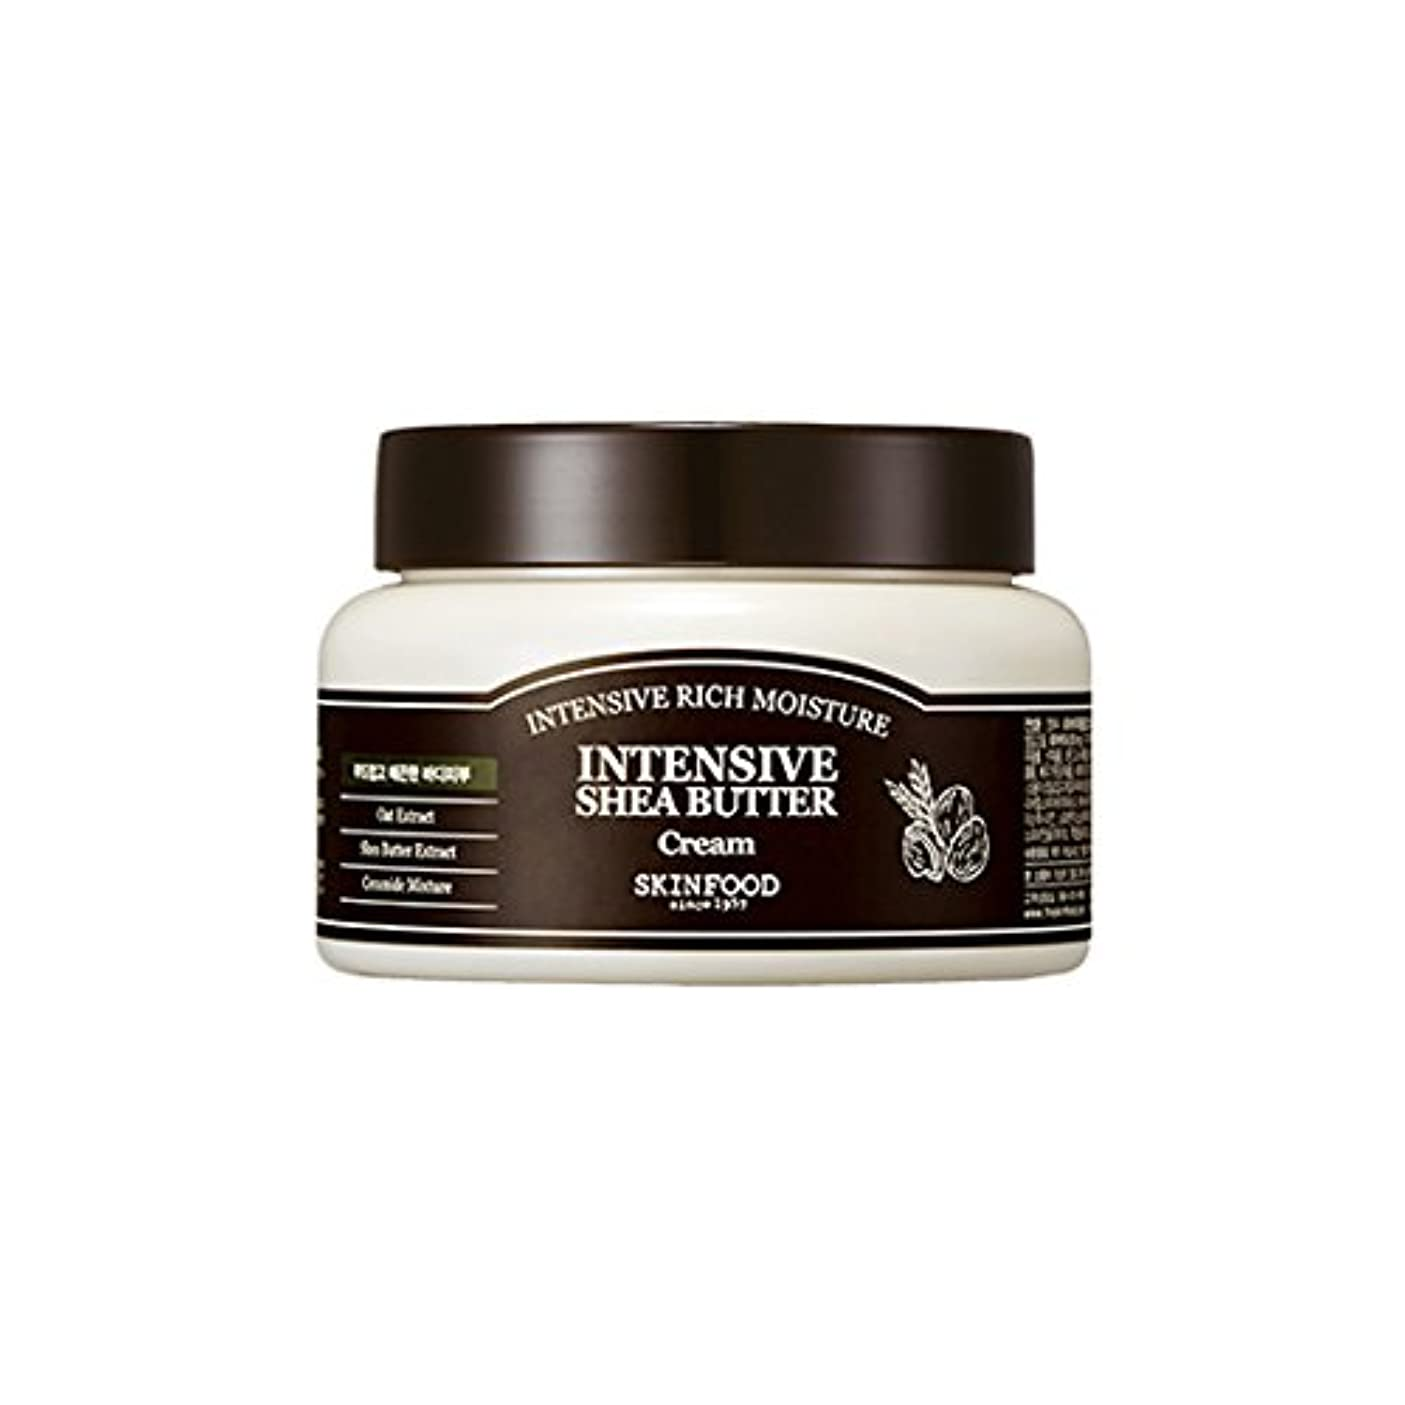 回る脚本しがみつく[New] SKINFOOD Intensive Shea Butter Cream 225ml/スキンフード インテンシブ シア バター クリーム 225ml [並行輸入品]